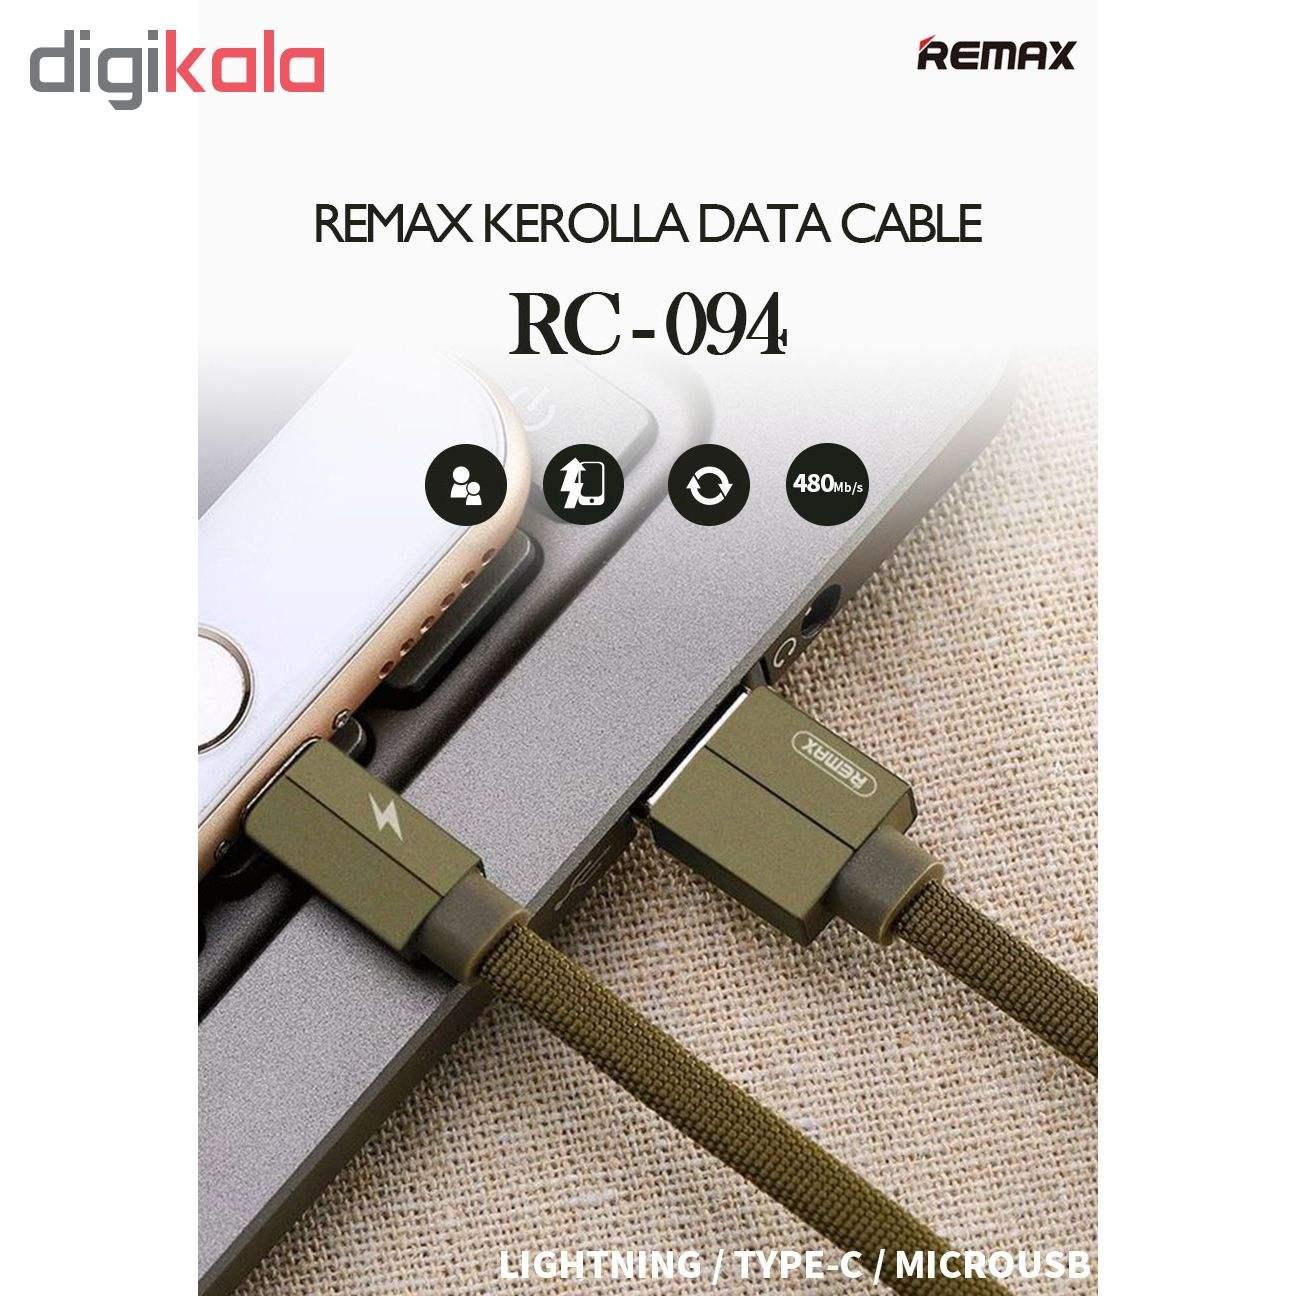 کابل تبدیل USB به microUSB ریمکس مدل Kerolla RC-094m طول 1 متر main 1 8